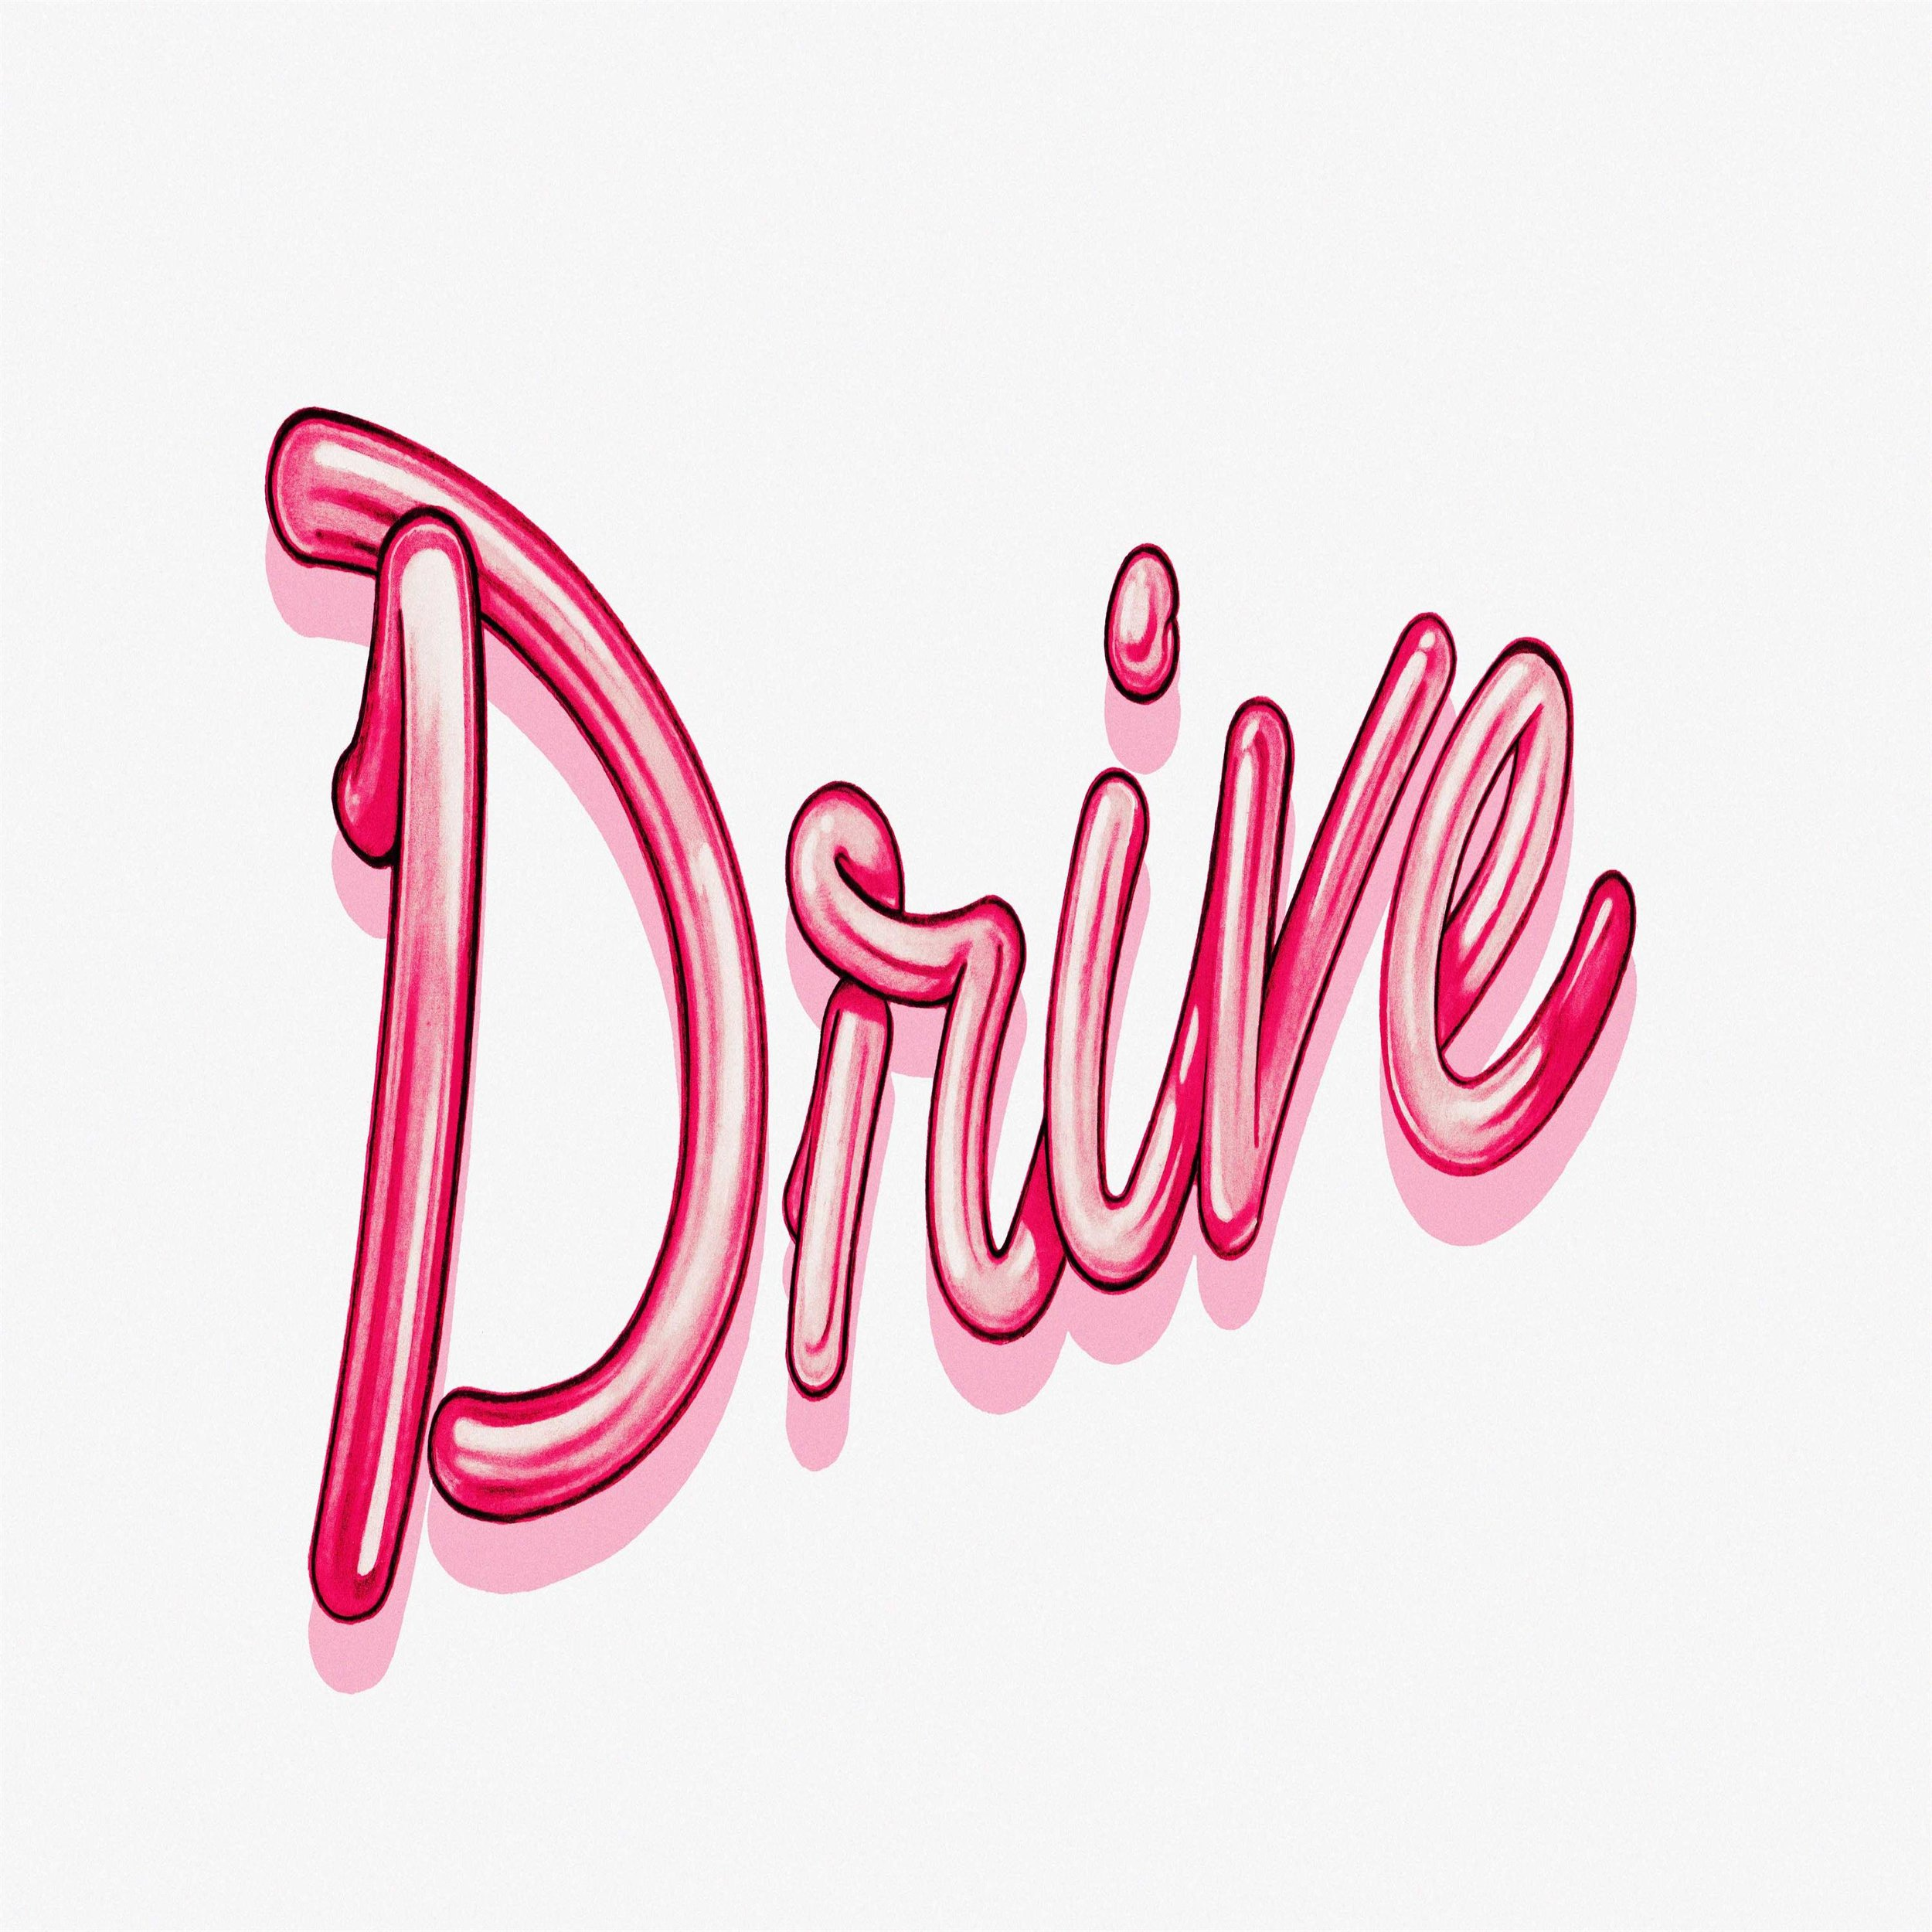 Drive Typography Art By John Keaveney.jpg